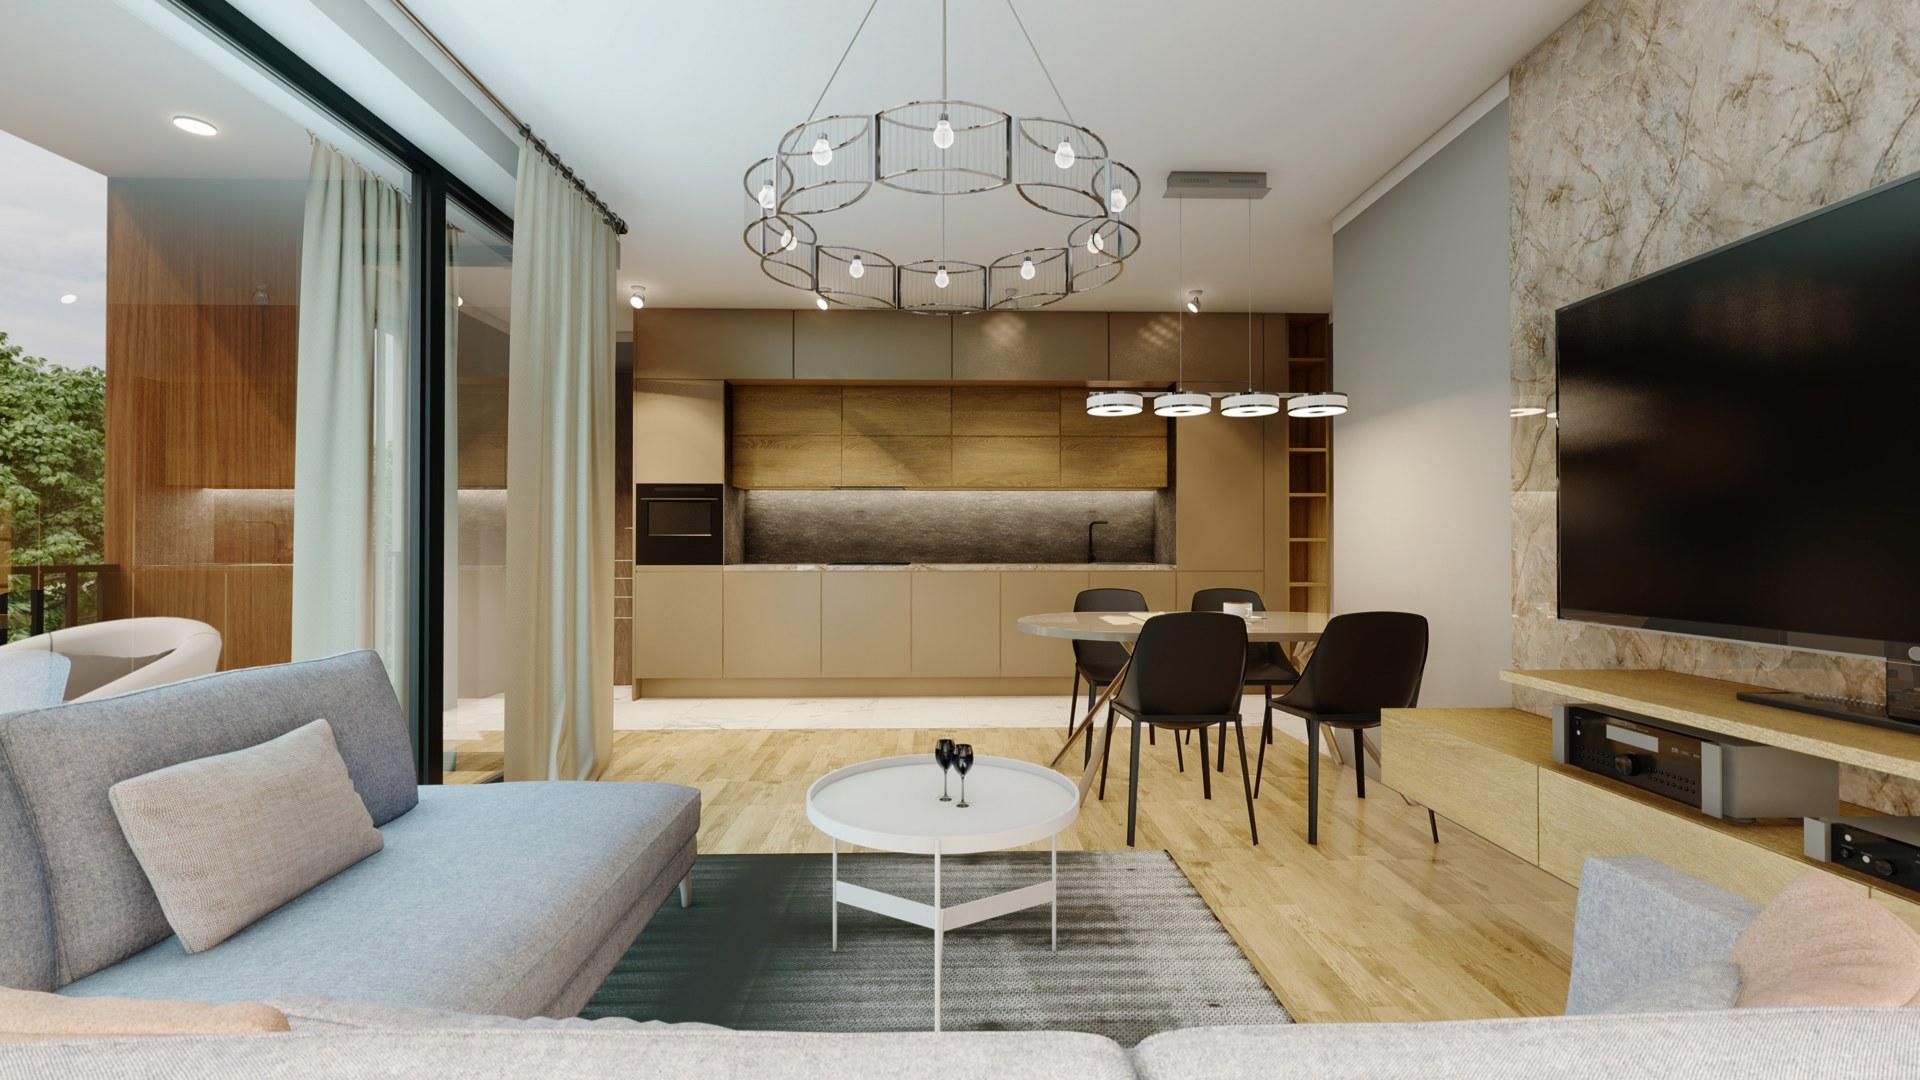 Kādi ir galvenie kritēriji izvēloties dzīvokli?